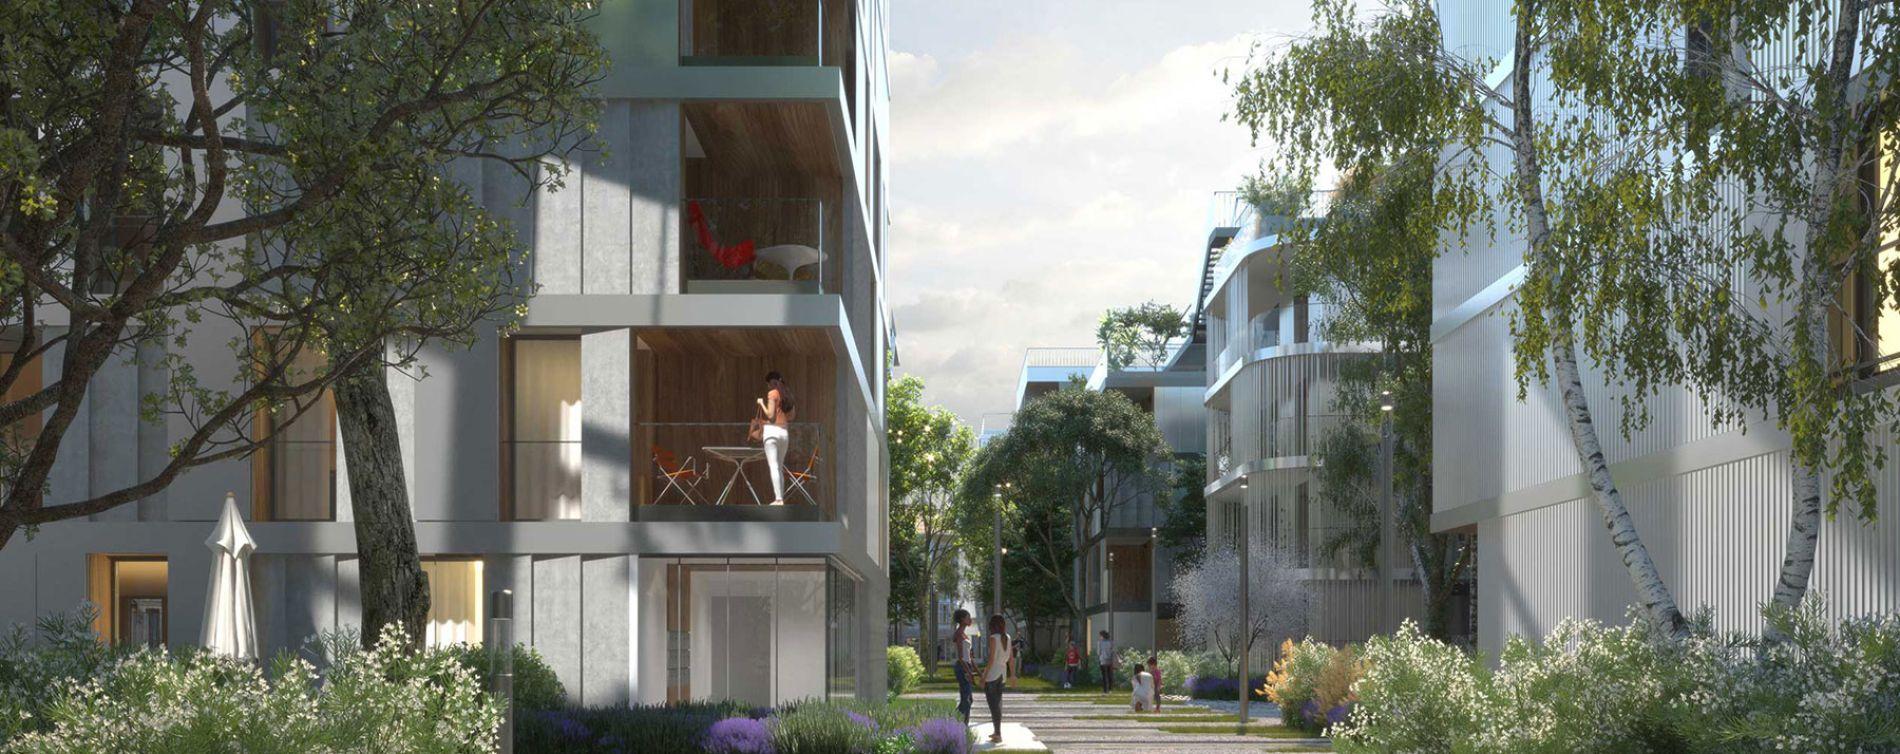 Asnières-sur-Seine : programme immobilier neuve « Artchipel » (2)